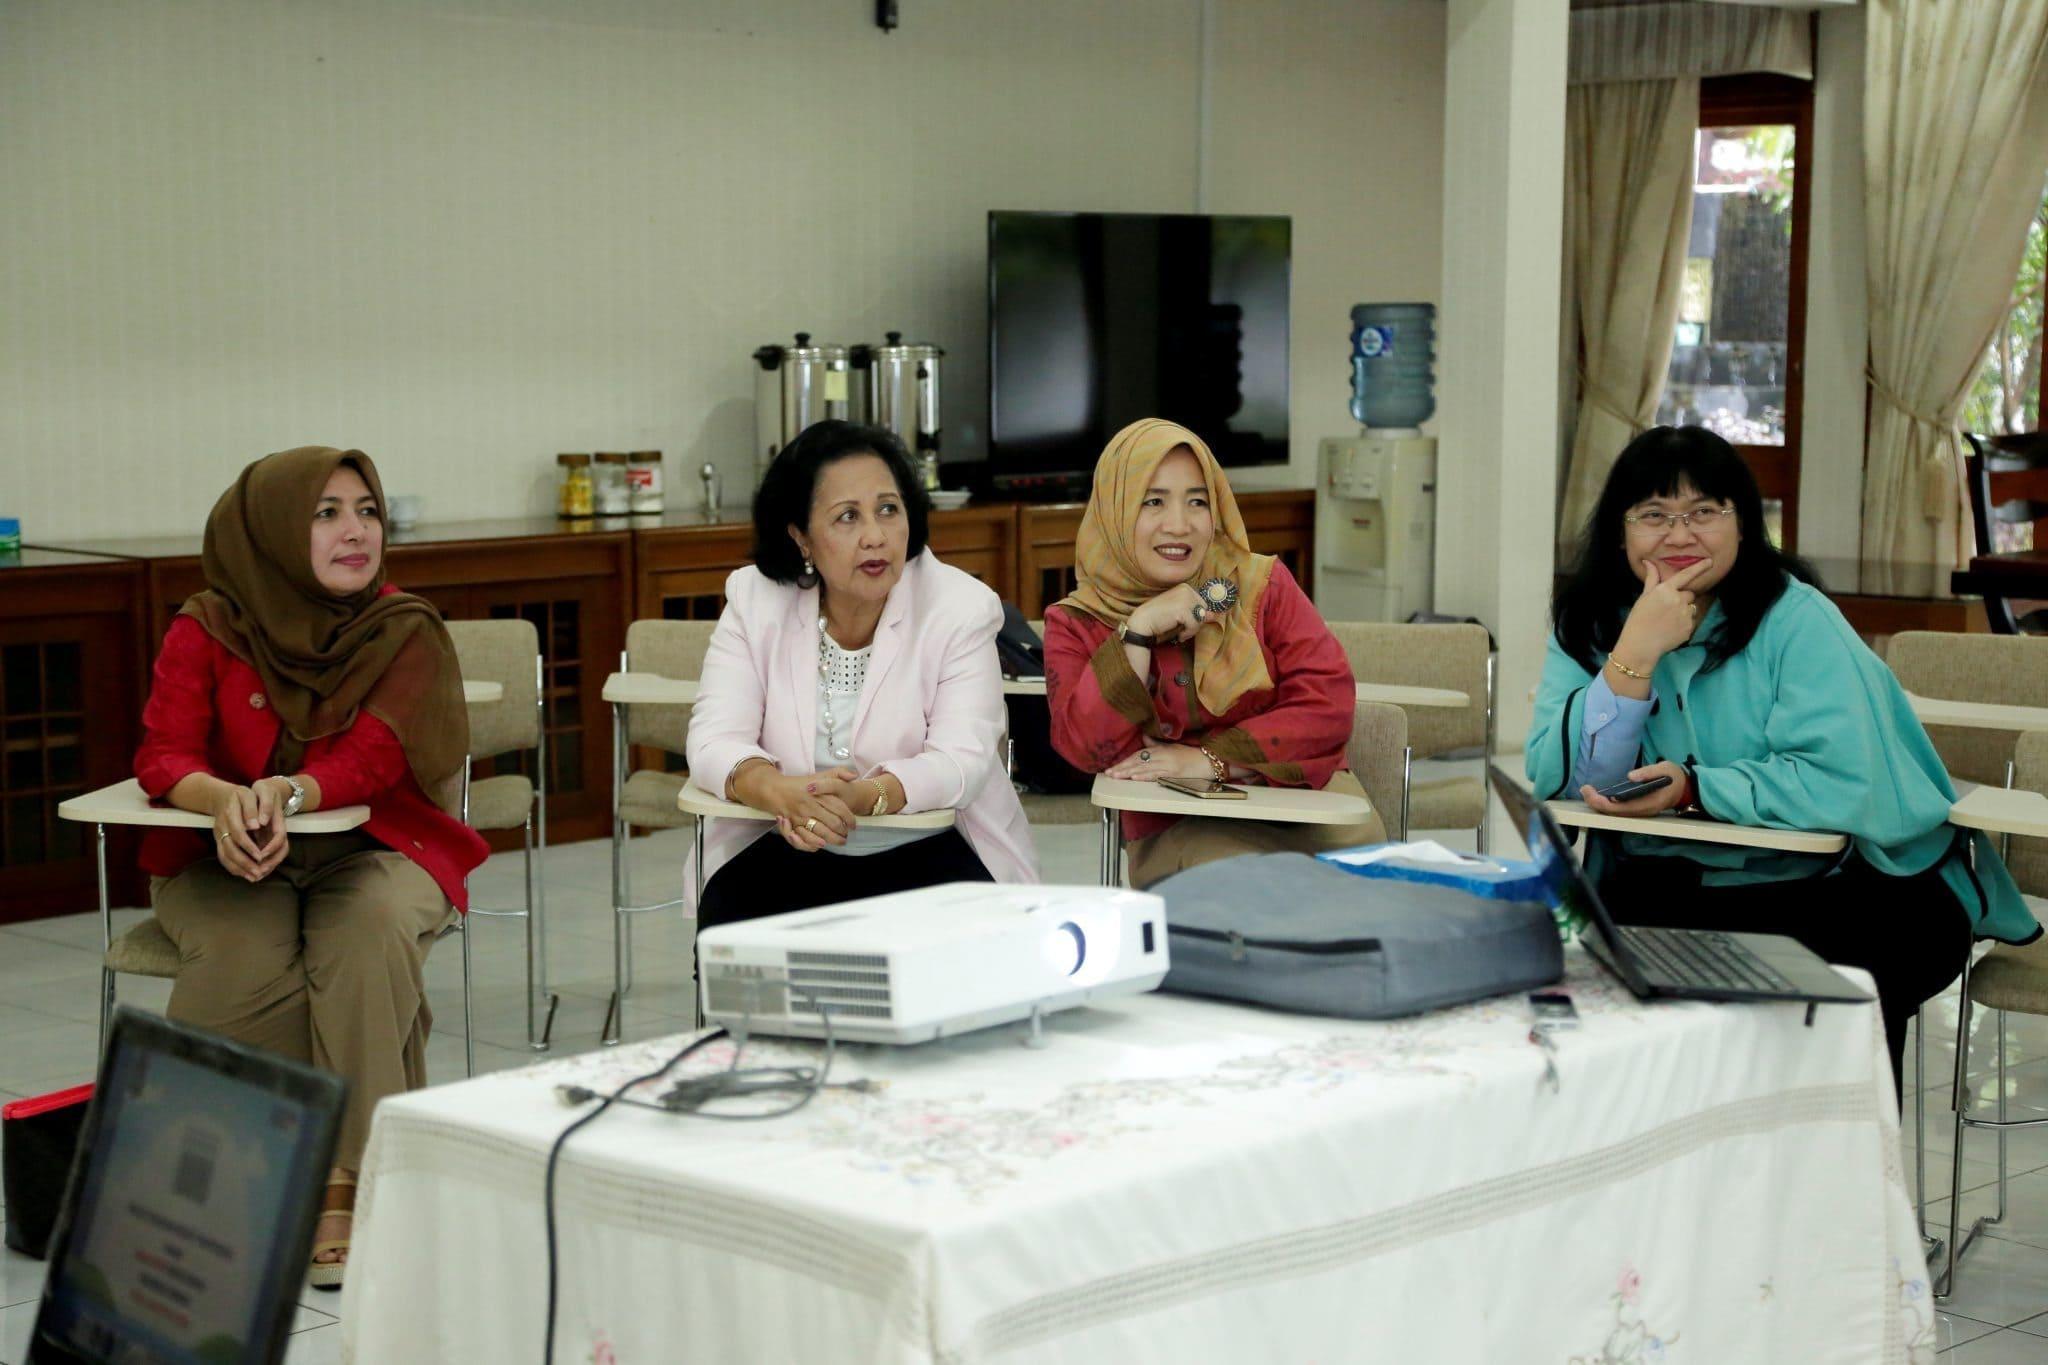 Rapat pembahasan tentang Gerakan Budaya Bersih dan Senyum (GBBS) bersama Ibu Devi Pandjaitan